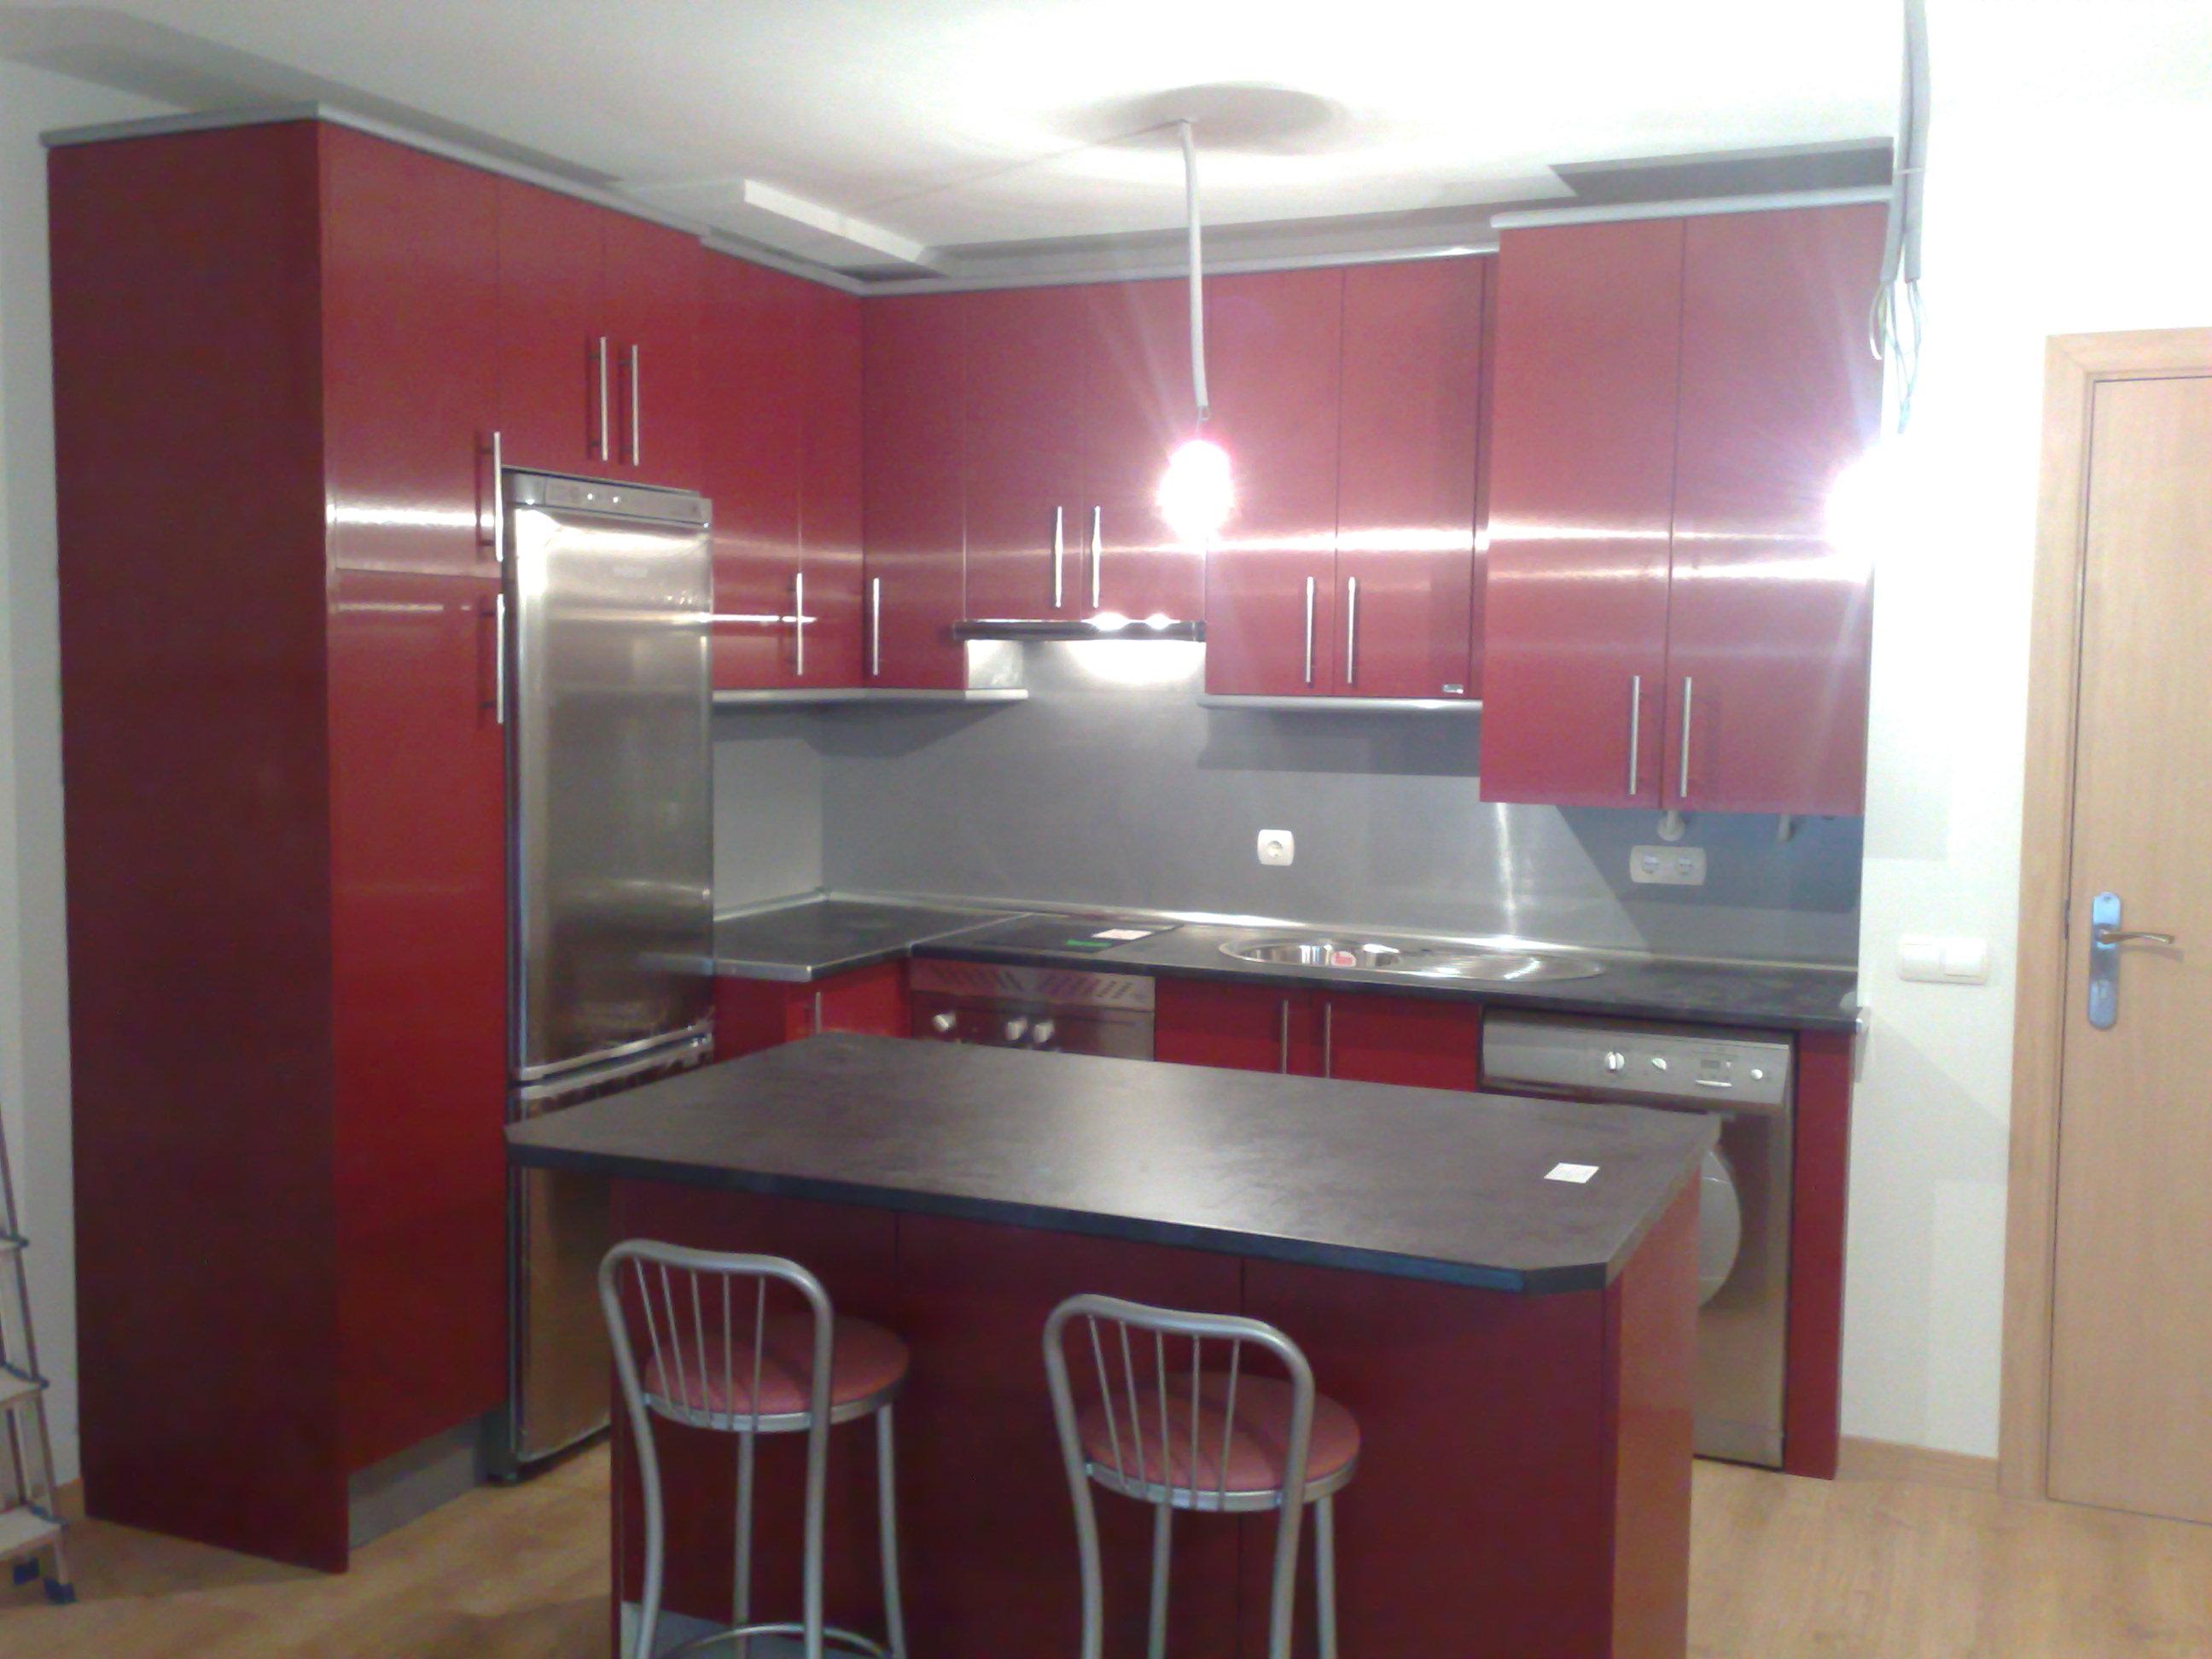 Muebles cocina melamina o formica ideas interesantes para dise ar los ltimos - Formica para cocinas ...